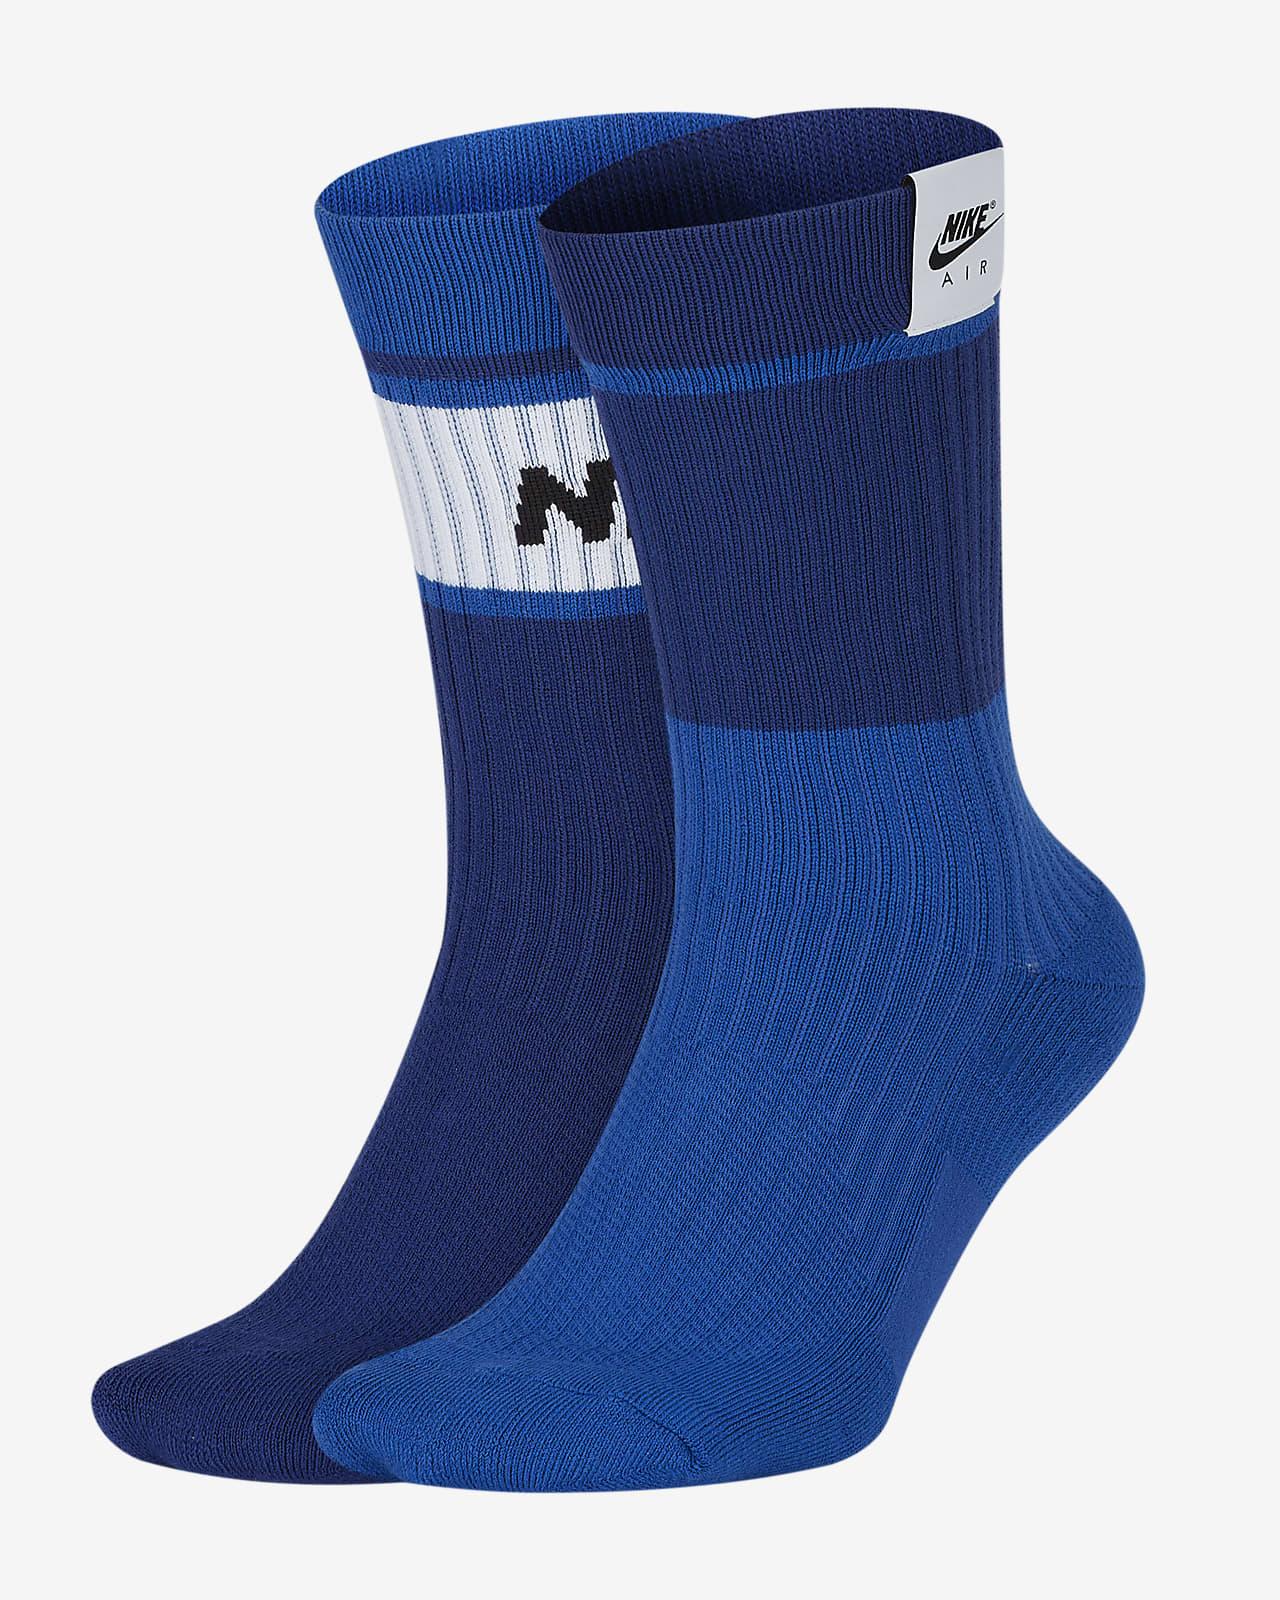 Nike Air SNKR Sox 运动袜(2 双)